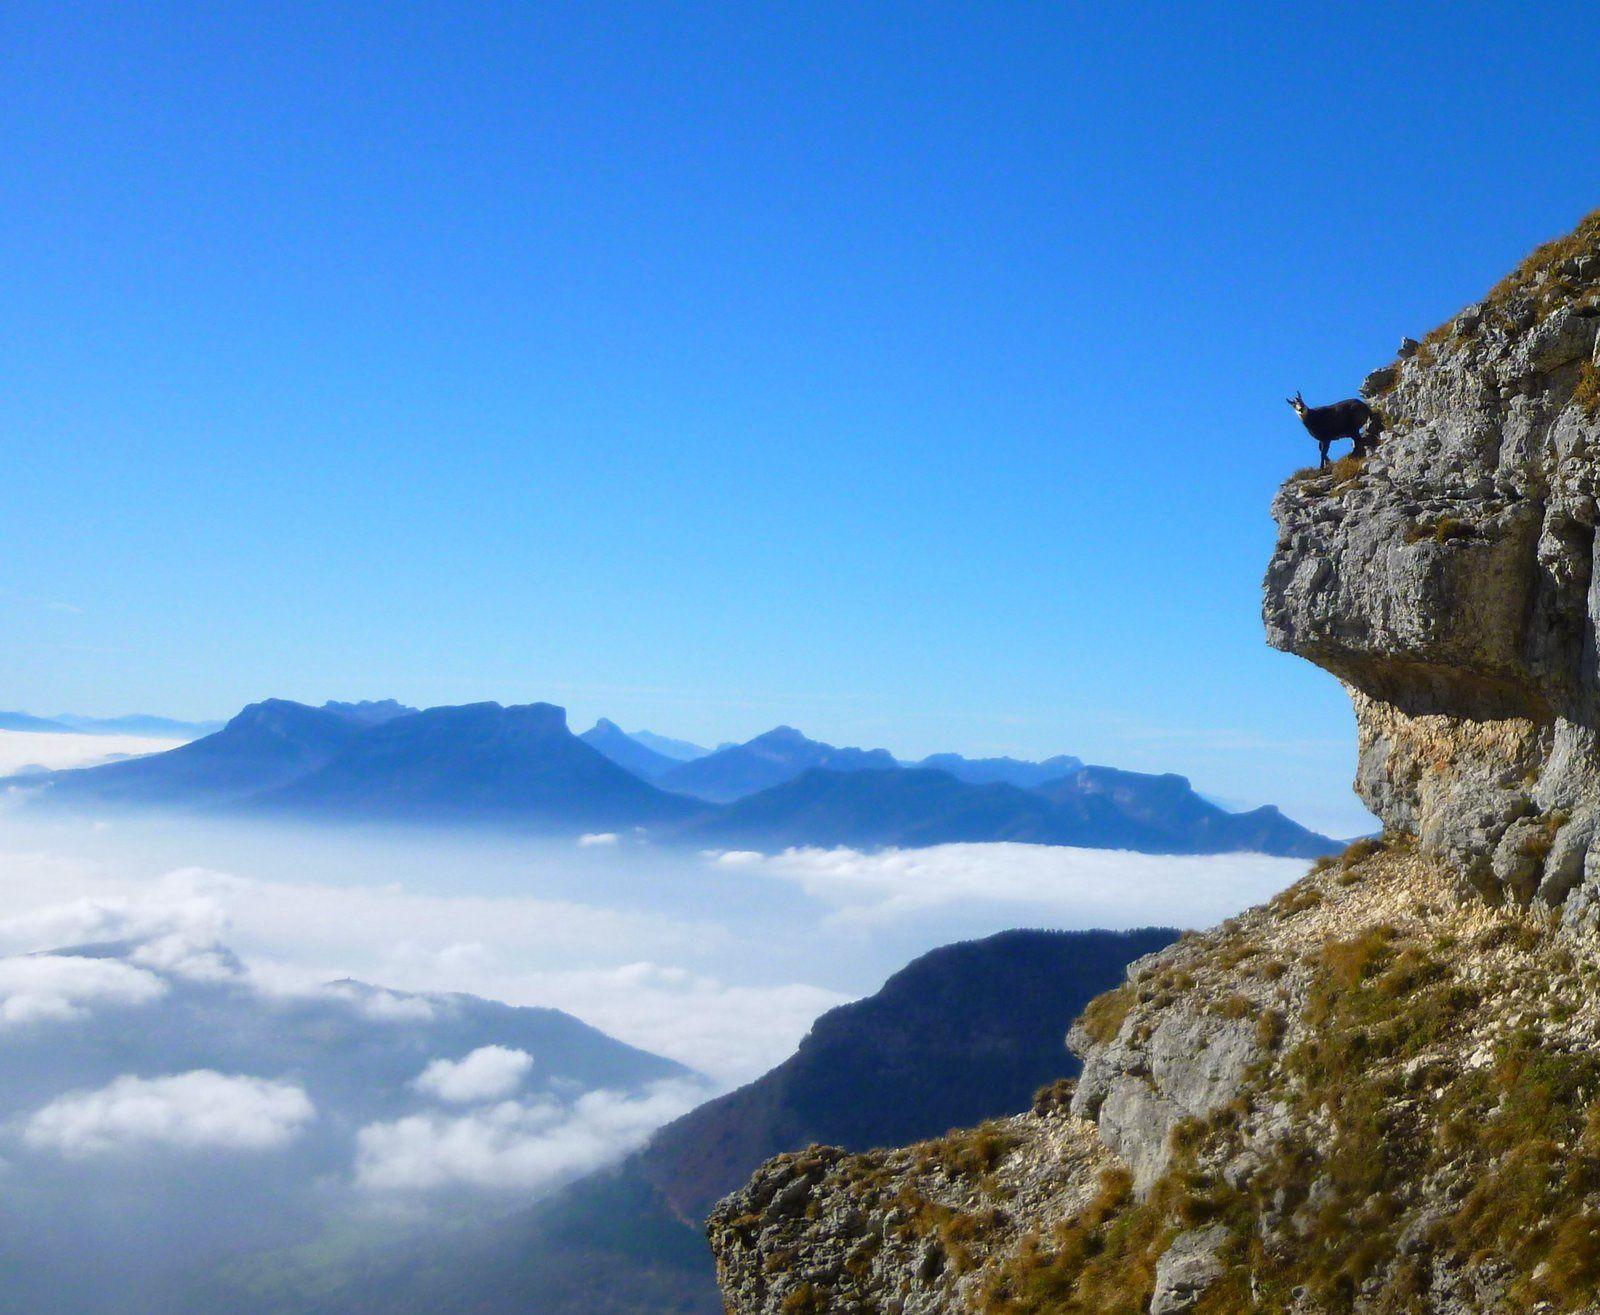 Il est à environ 30 m ... on se dit qu'il ne va pas le faire, 6 m à sauter avec attérrissage dans la pente avant une nouvelle barre rocheuse ....